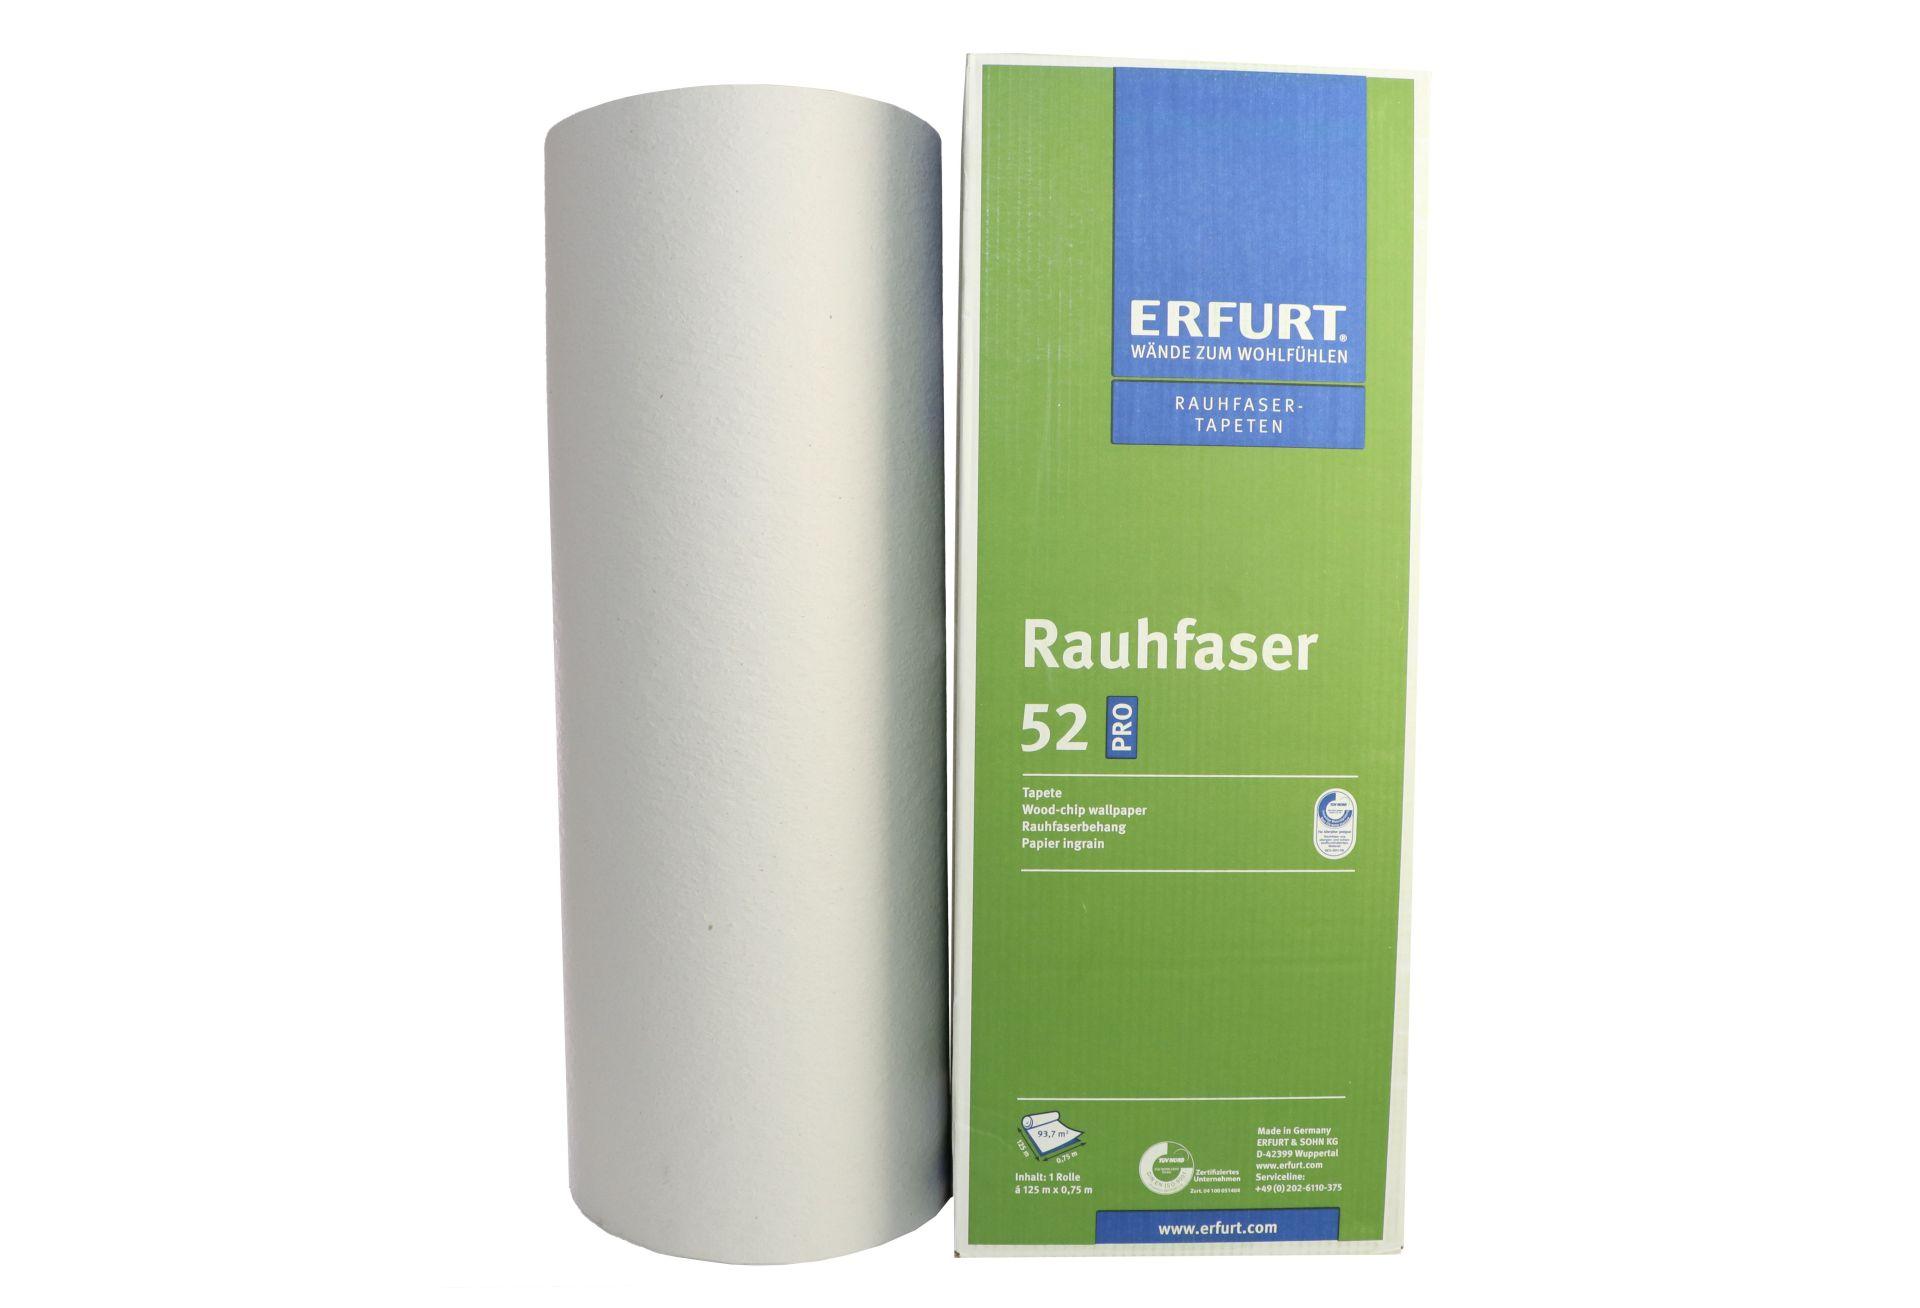 ERFURT Rauhfaser Tapete 52 Pro, klassische Struktur, 125 x 0,75 m, ausreichend für 93,75 m², 1 Großrolle